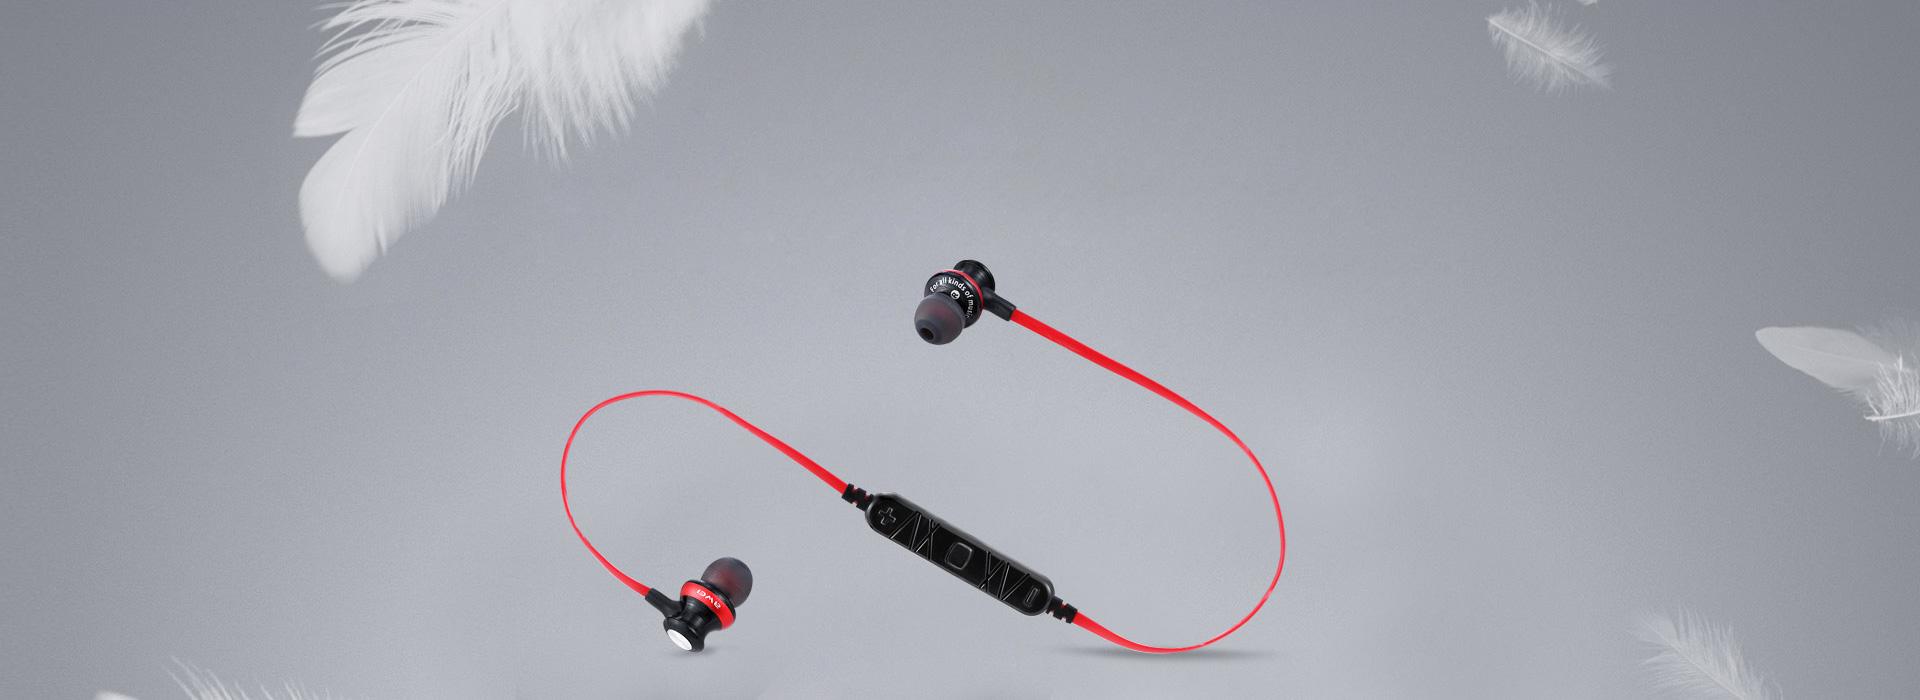 重量16.9克-智能运动蓝牙耳机A980BL